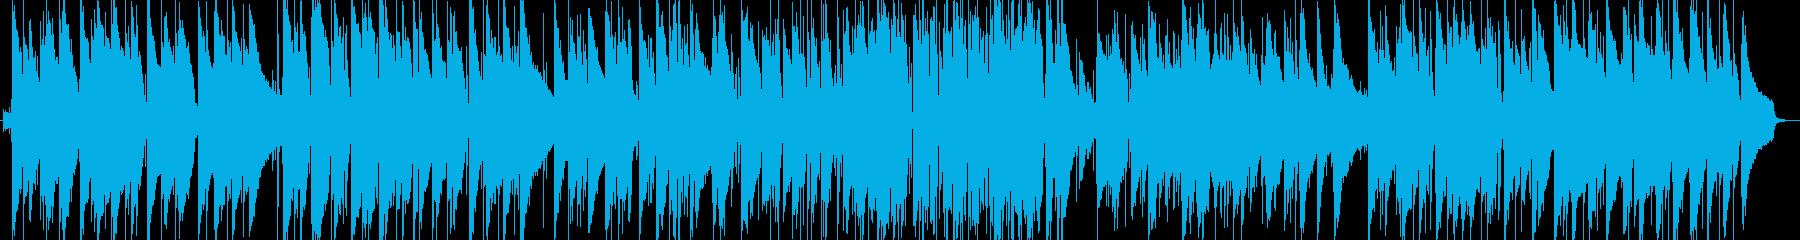 童謡のジャズピアノトリオの再生済みの波形